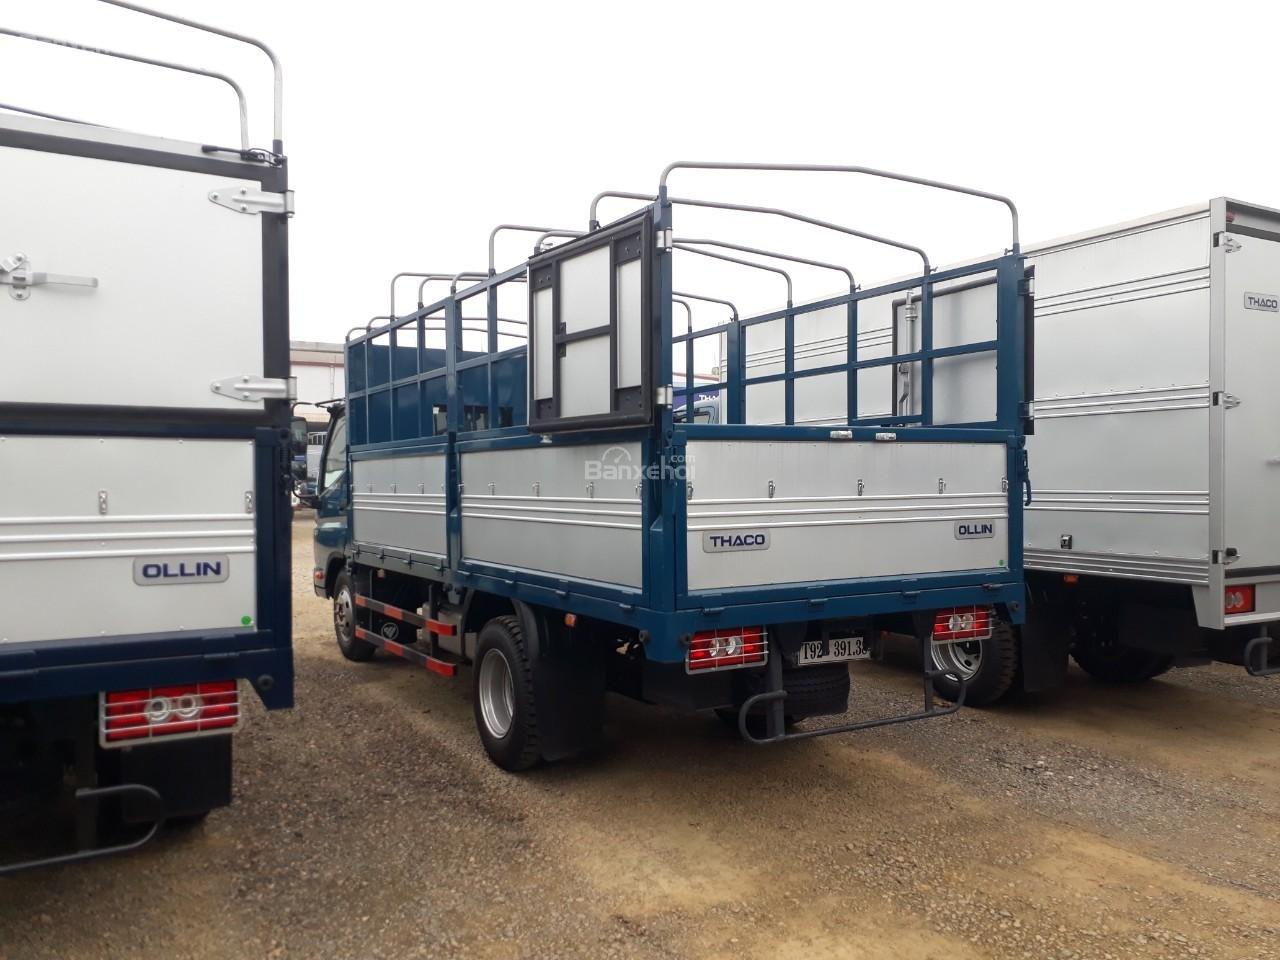 Bán xe tải Ollin350 tải trọng 3.5/2.15 tấn Trường Hải ở Hà Nội-5